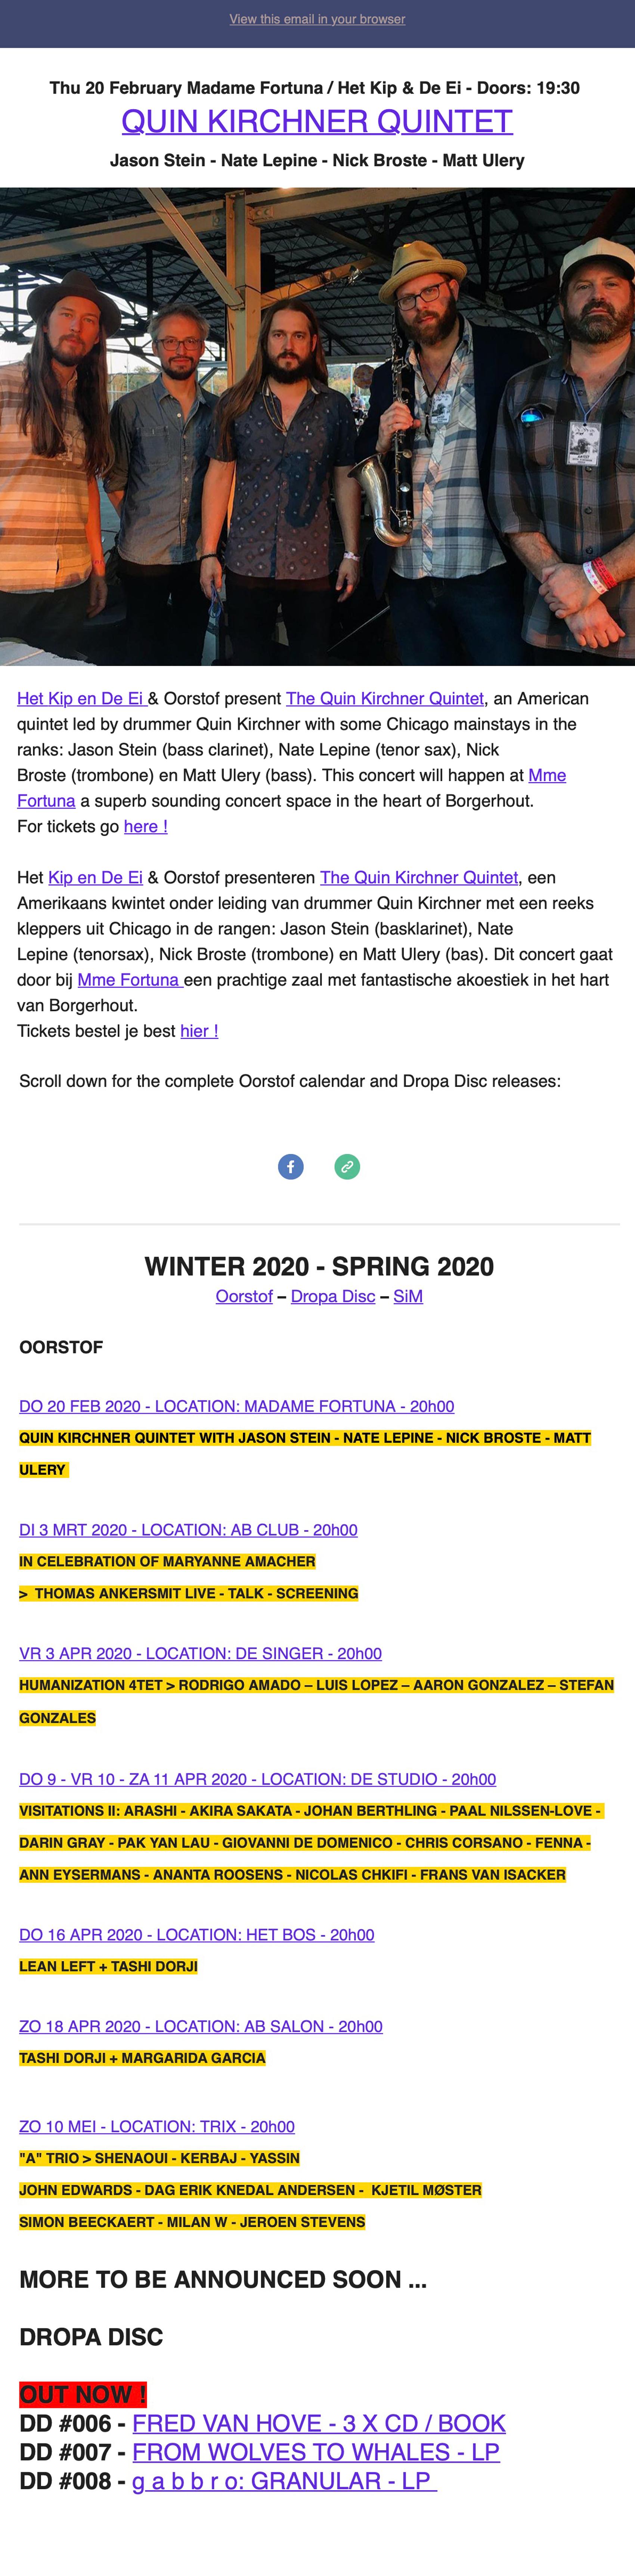 nieuwsbrief_13_02_2020